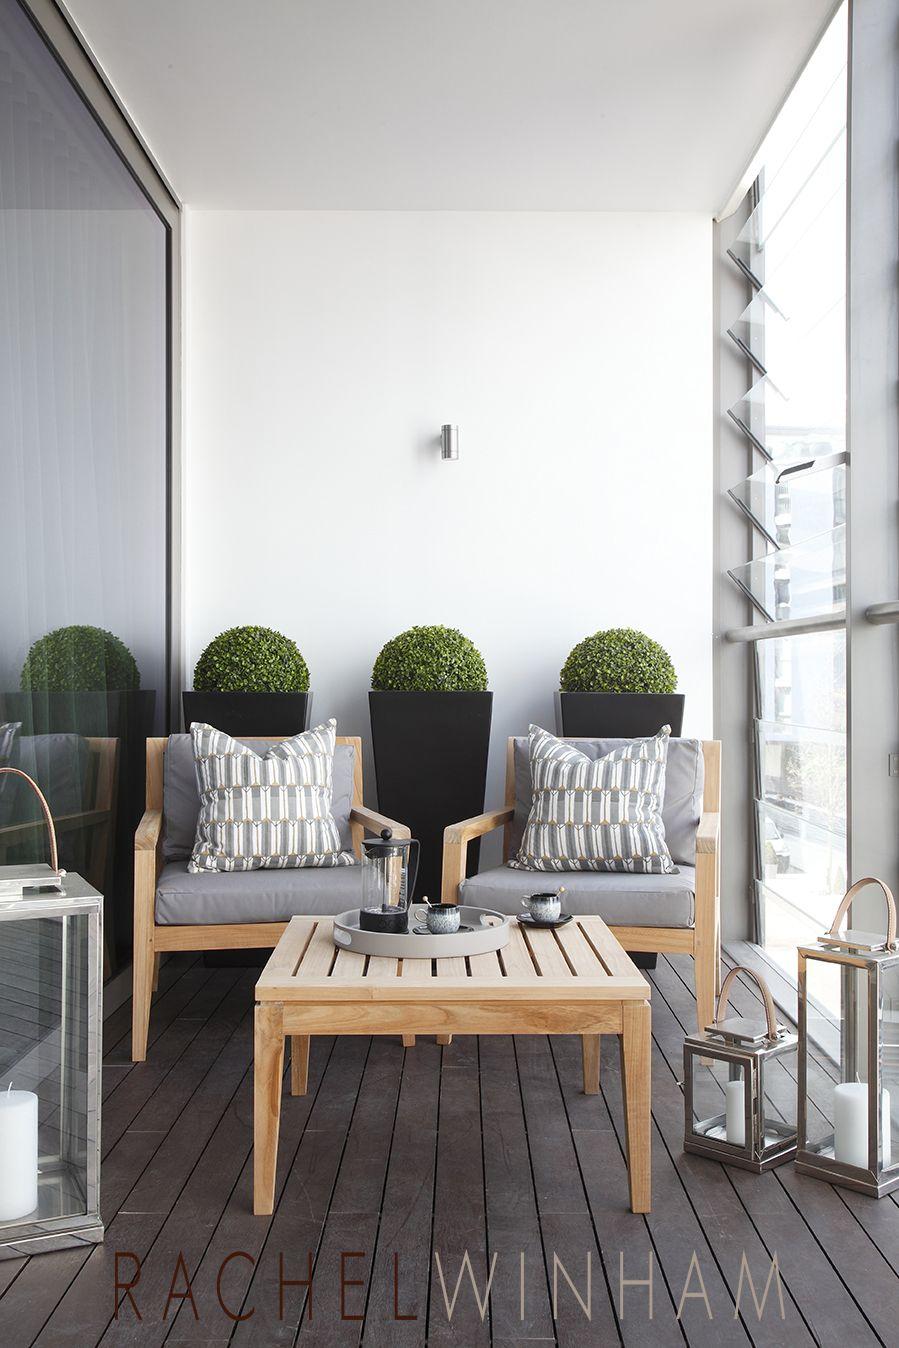 Super Condo Interior Design Ideas Small Space